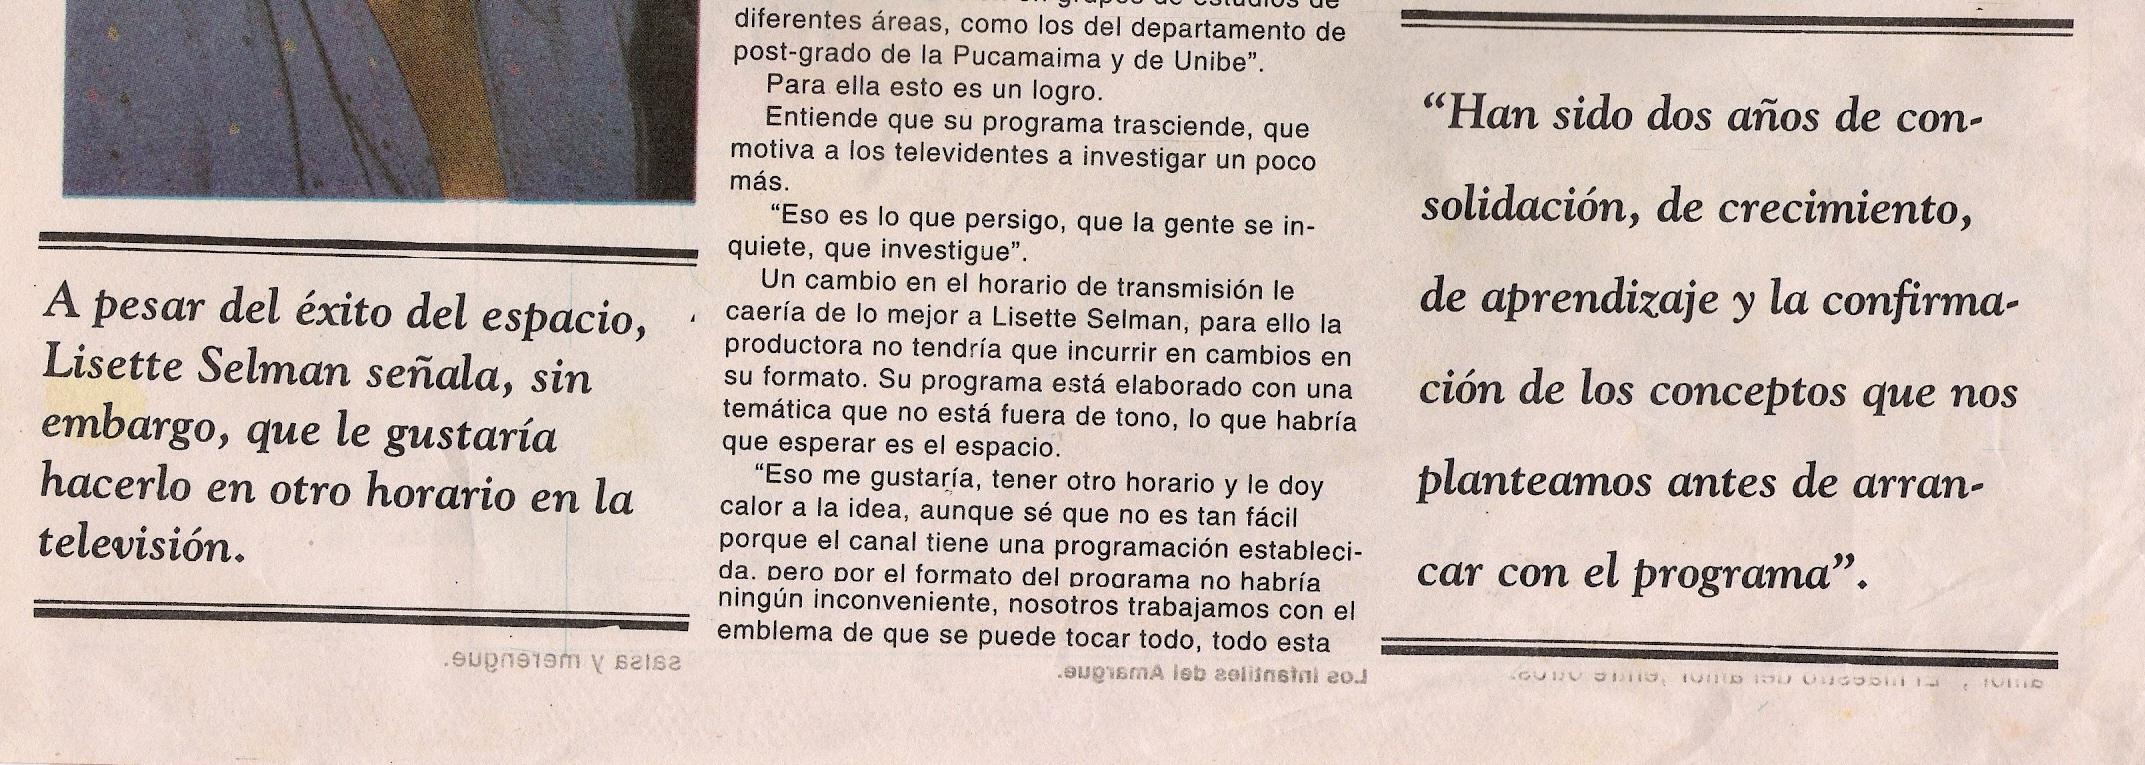 Ago 25, 1994.3 El Nacional.jpg